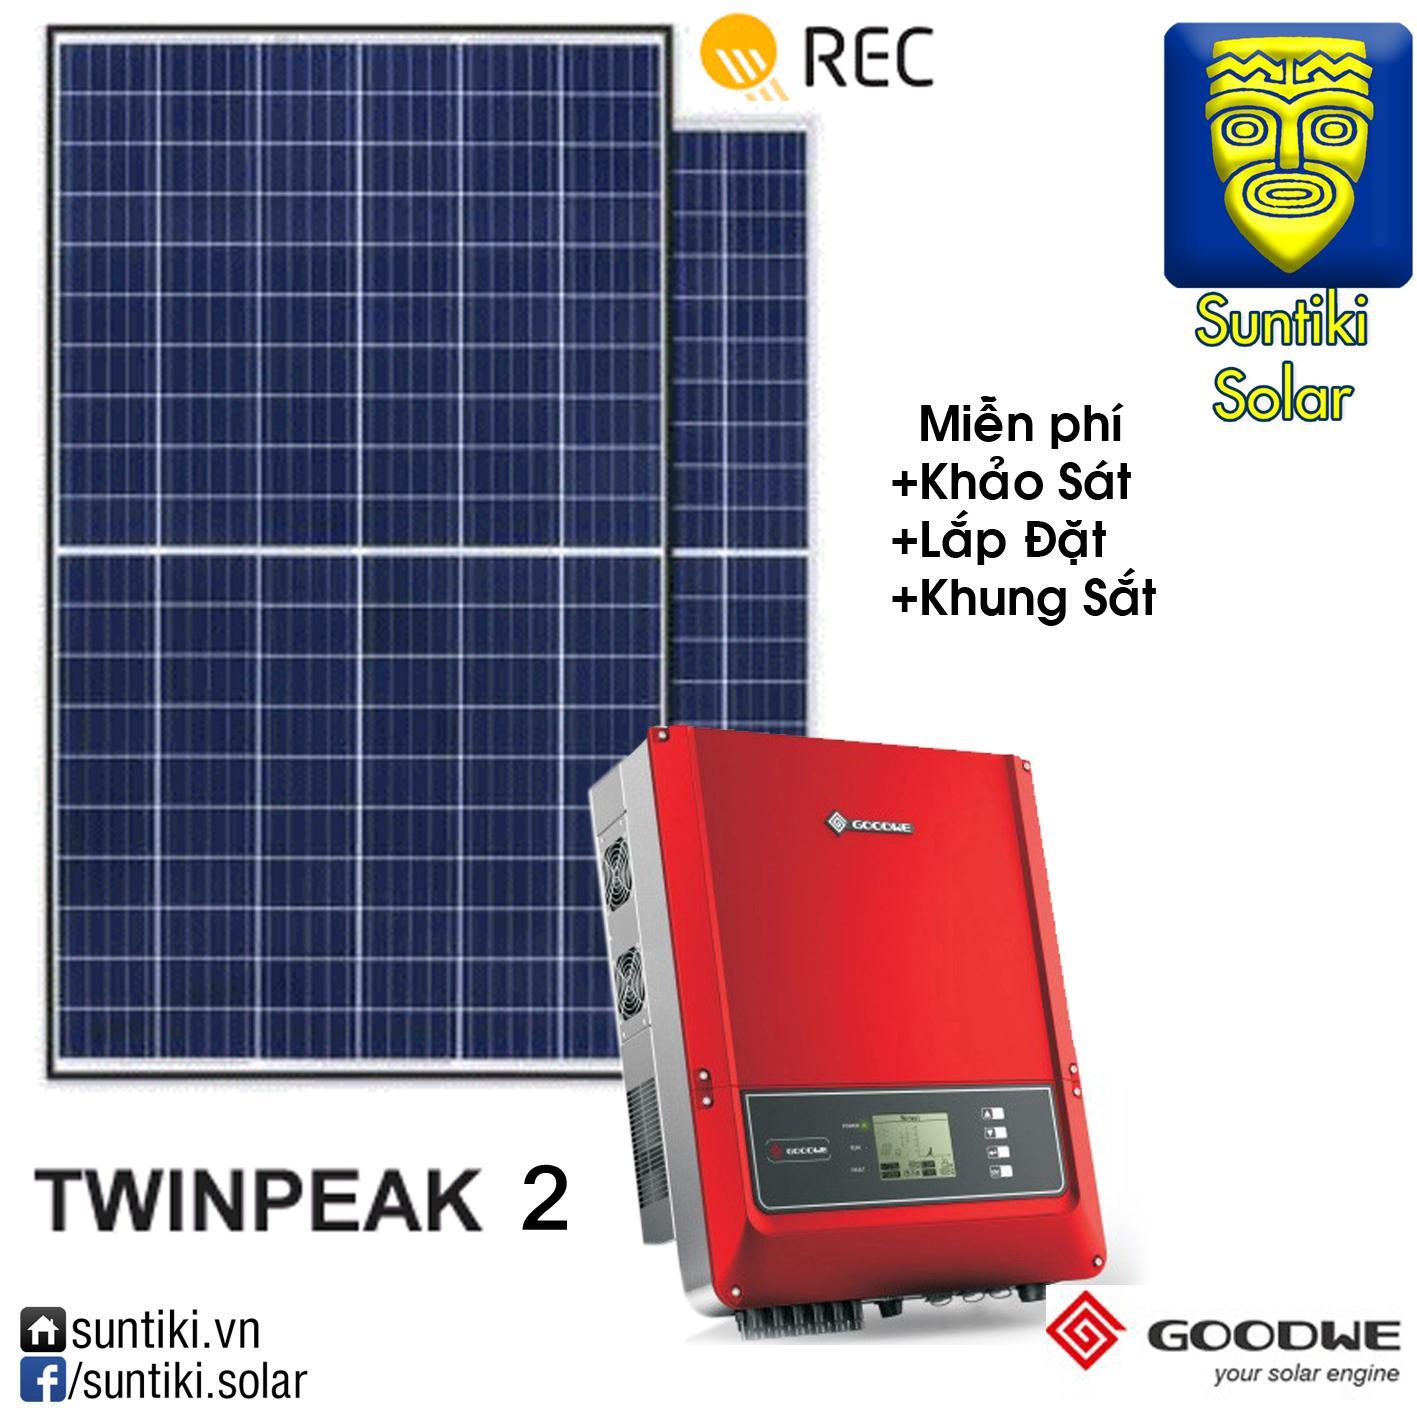 Combo Hệ thống điện năng lượng mặt trời  - 3990W (14 tấm pin REC + Máy biến tần Goodwe)